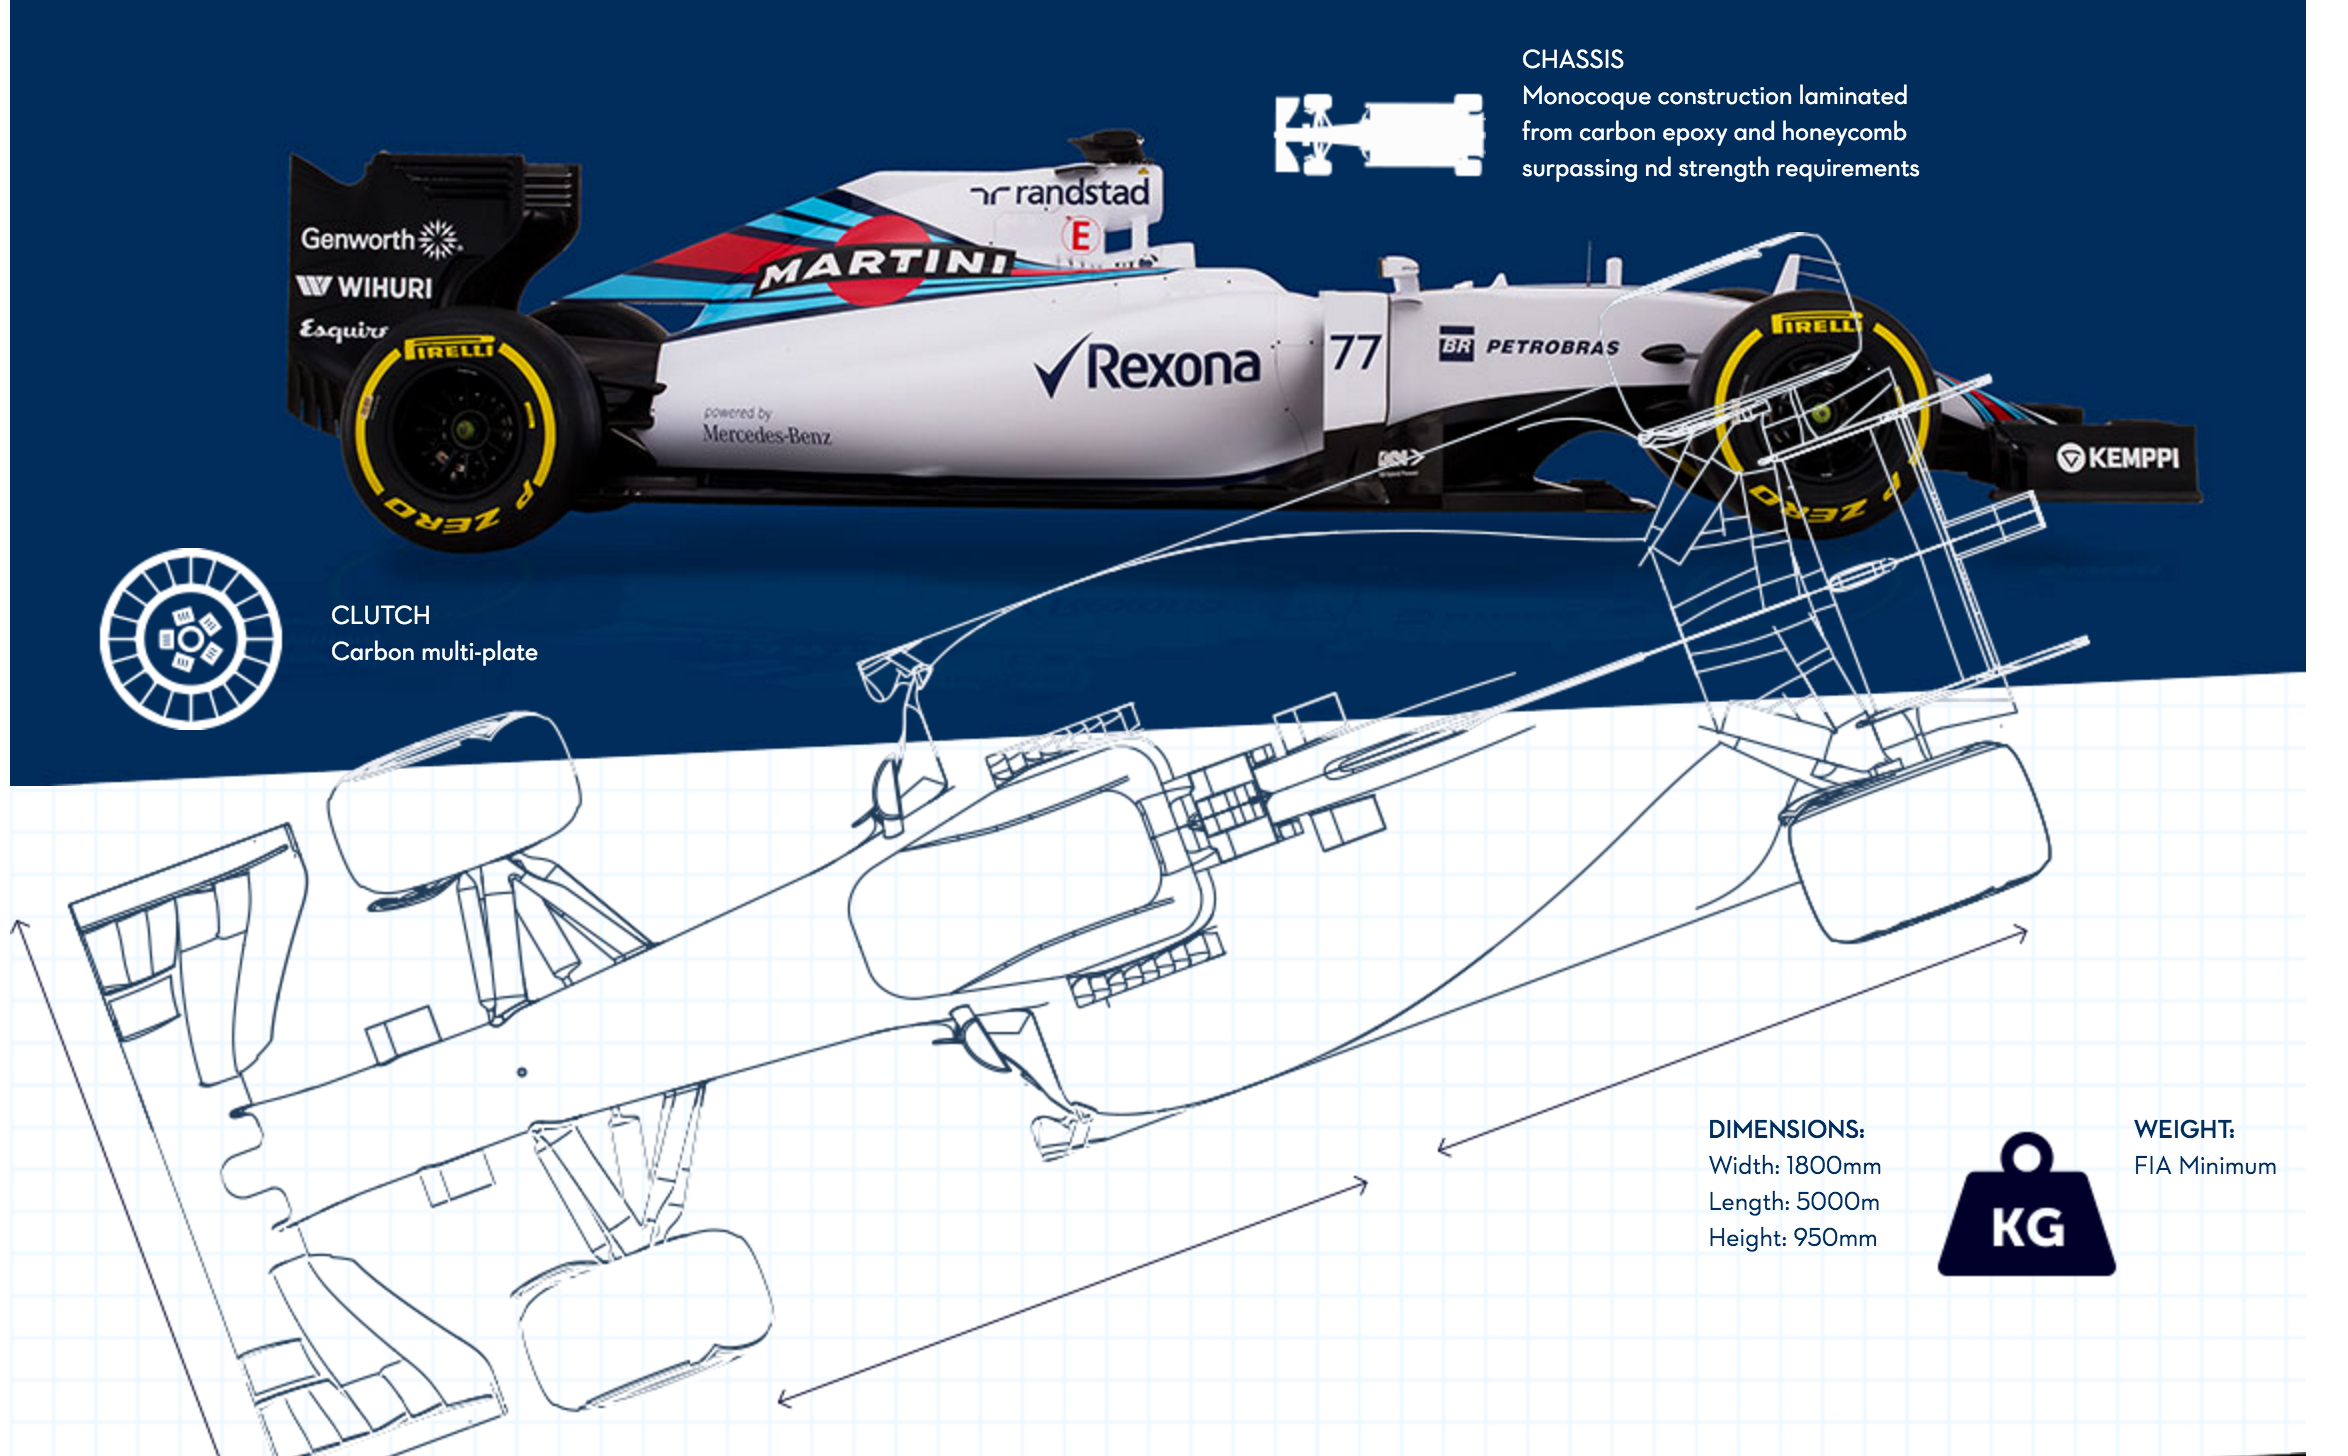 Williams Martini Racing F1